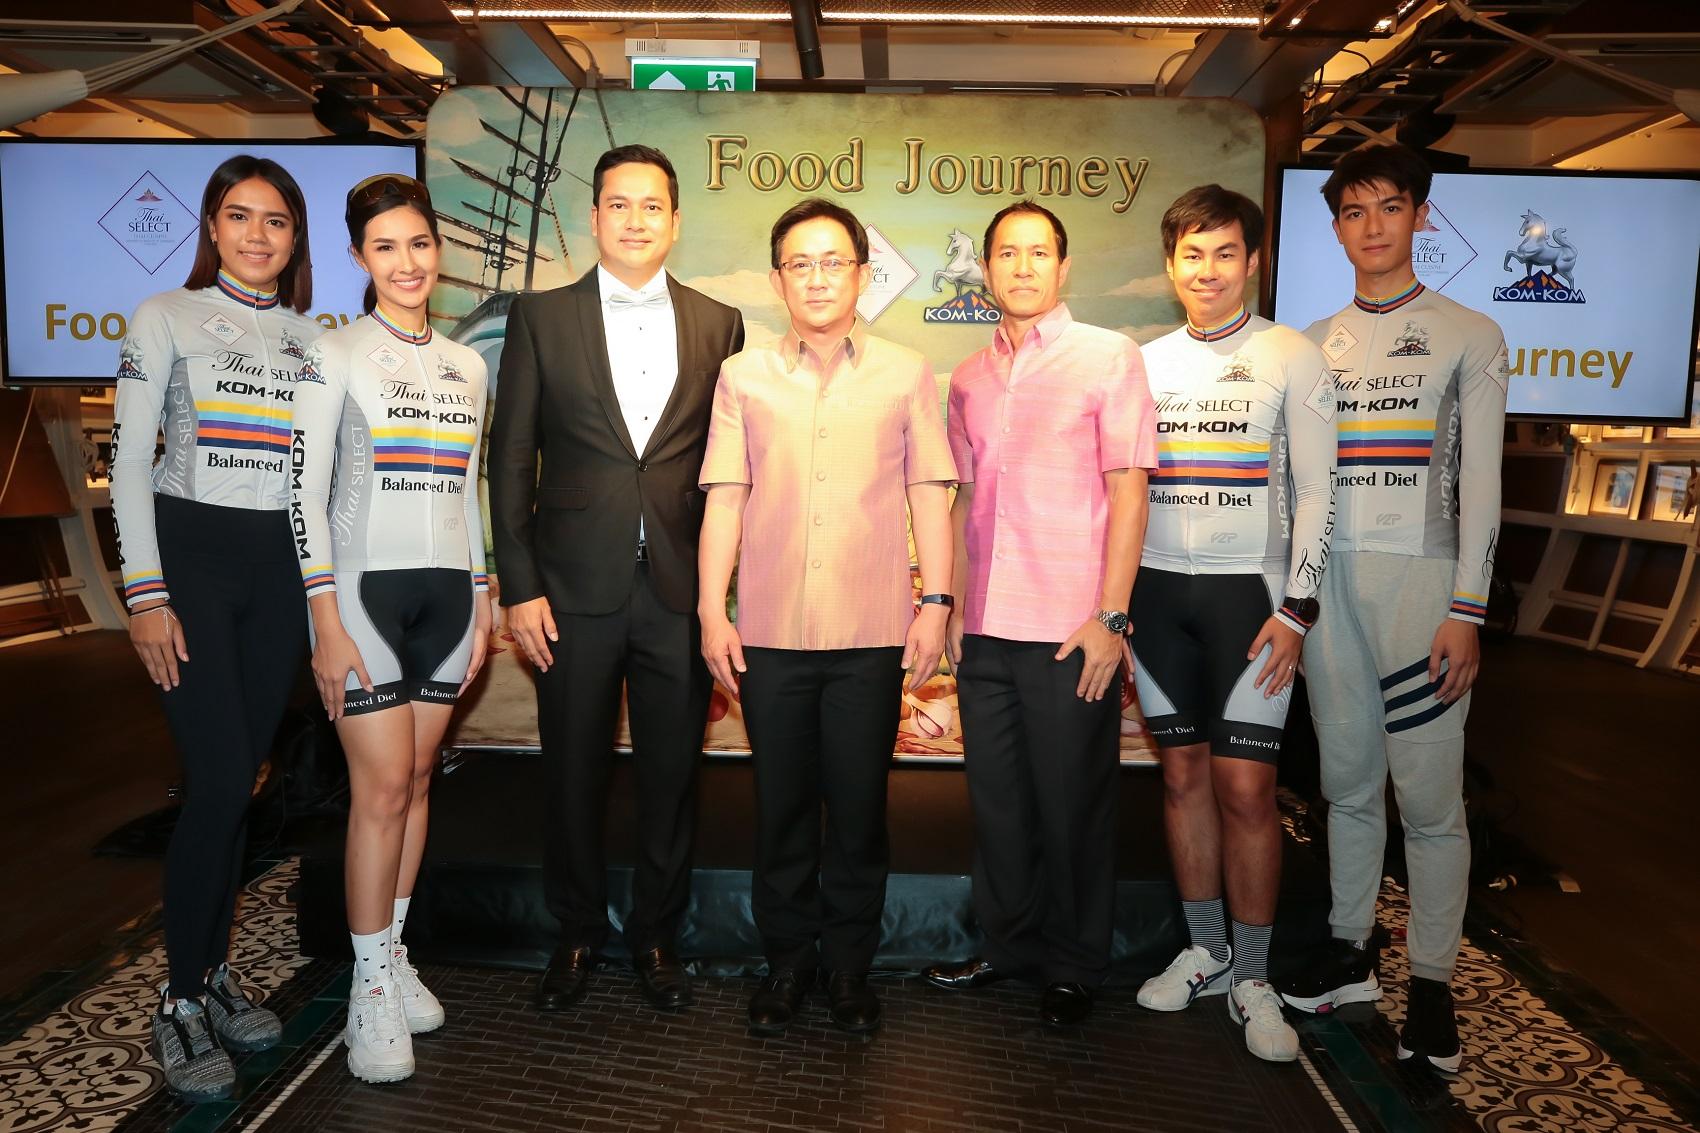 """Thai SELECT ร่วมกับผลิตภัณฑ์มีด KOM-KOM สร้างปรากฏการณ์ครั้งสำคัญ ร่วมค้นหาคุณค่าแห่งอาหารไทย พร้อมเปิดตัวทีม """"Thai SELECT KOM-KOM Food Journey"""""""